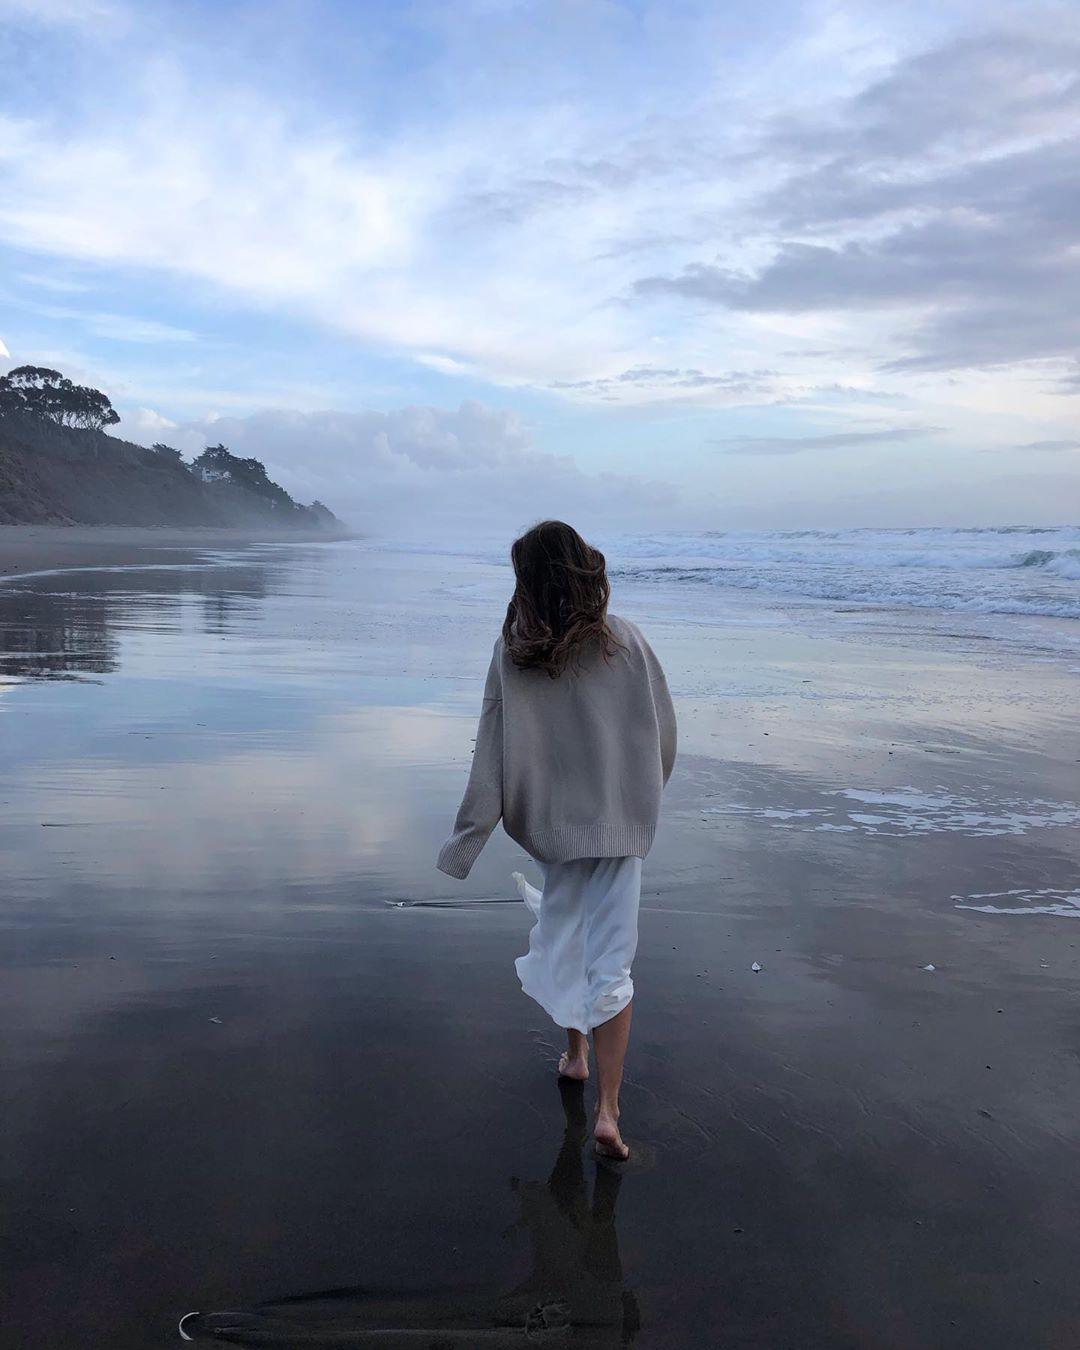 Мечта - все время ходить в oversized кашемировых джемперах  Source: Instagram @golomazdina